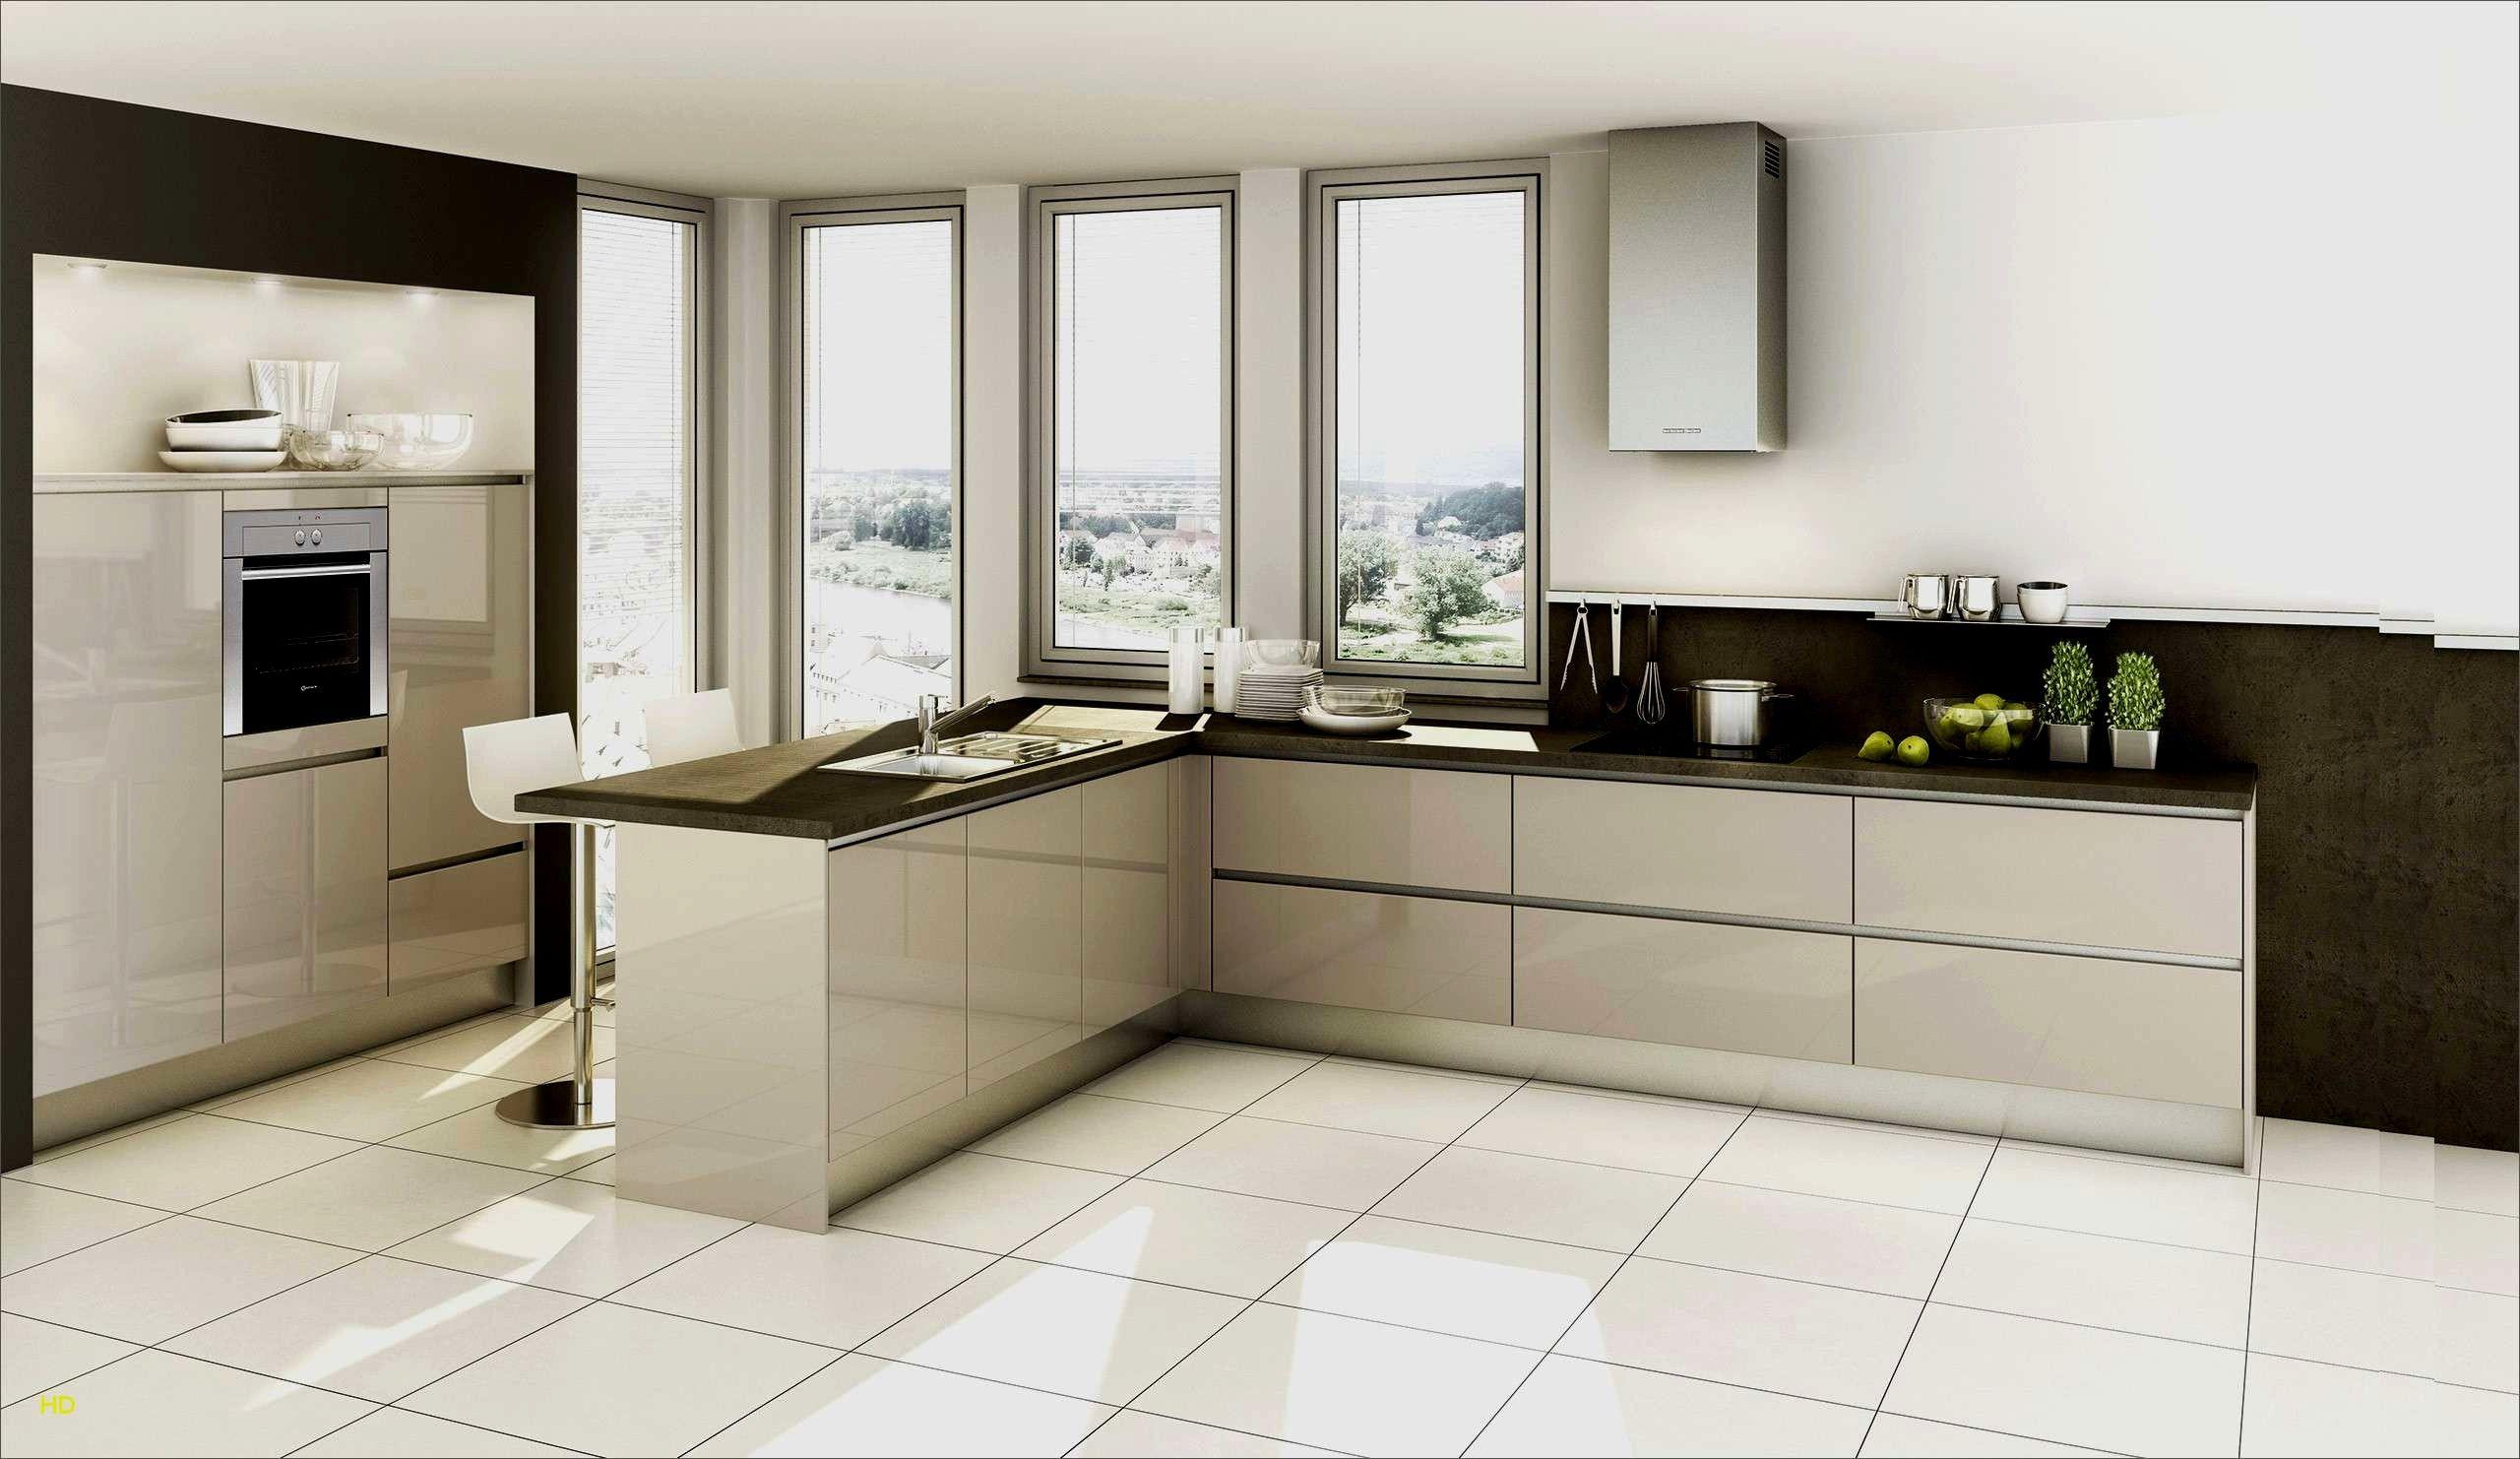 Full Size of 15 Gebrauchte Mbel Frankfurt Luxus Regale Küche Kaufen Küchen Regal Betten Fenster Verkaufen Einbauküche Wohnzimmer Gebrauchte Küchen Frankfurt